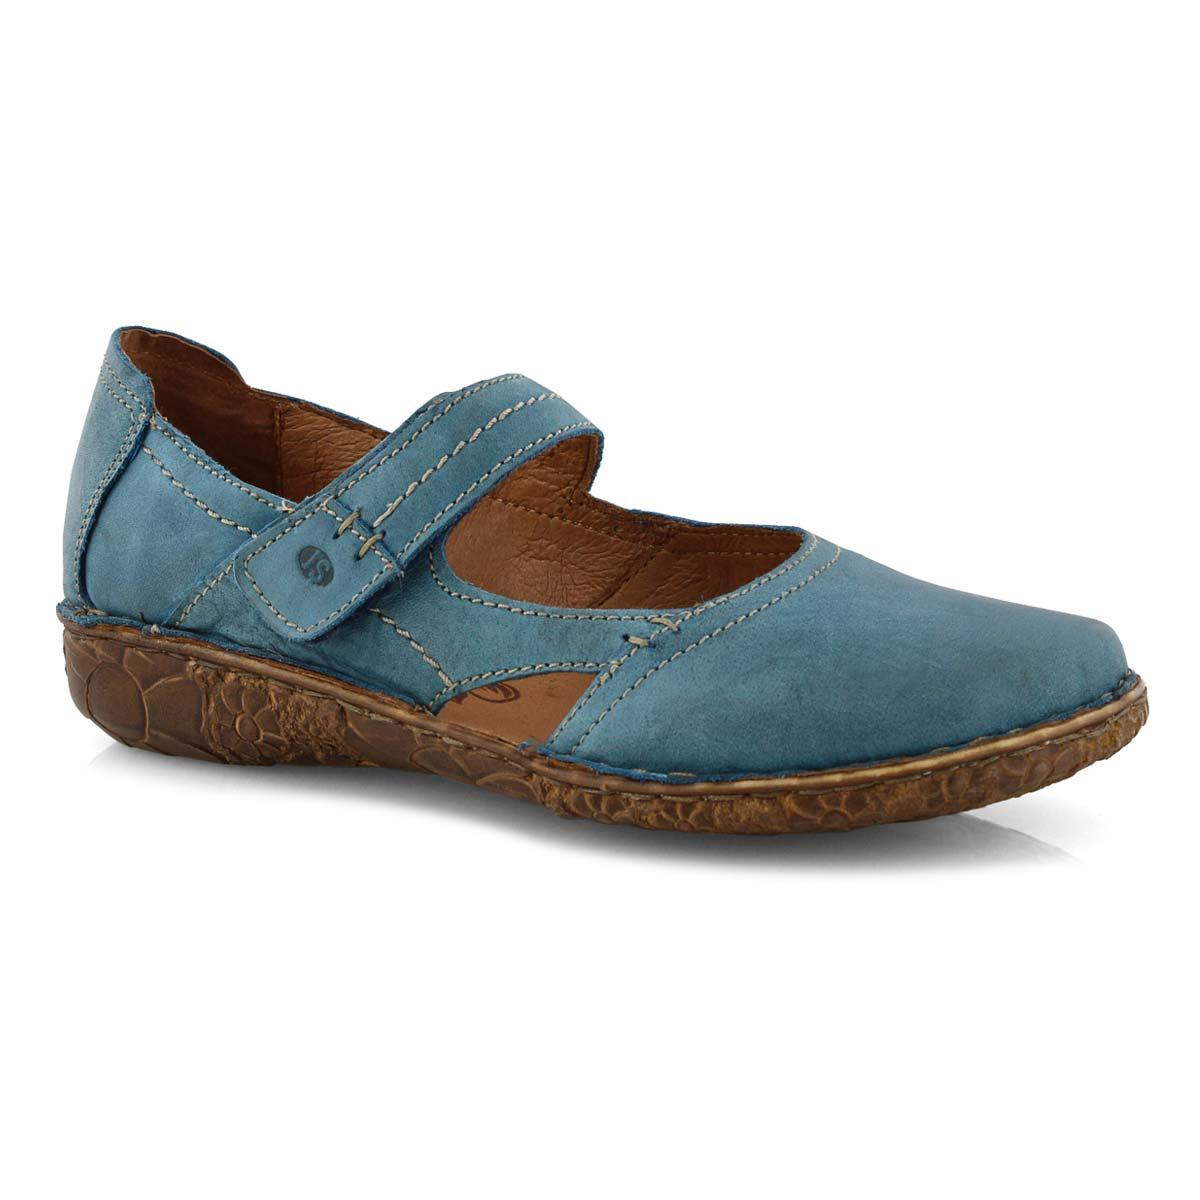 Lds Rosalie 37 azure mary jane shoe